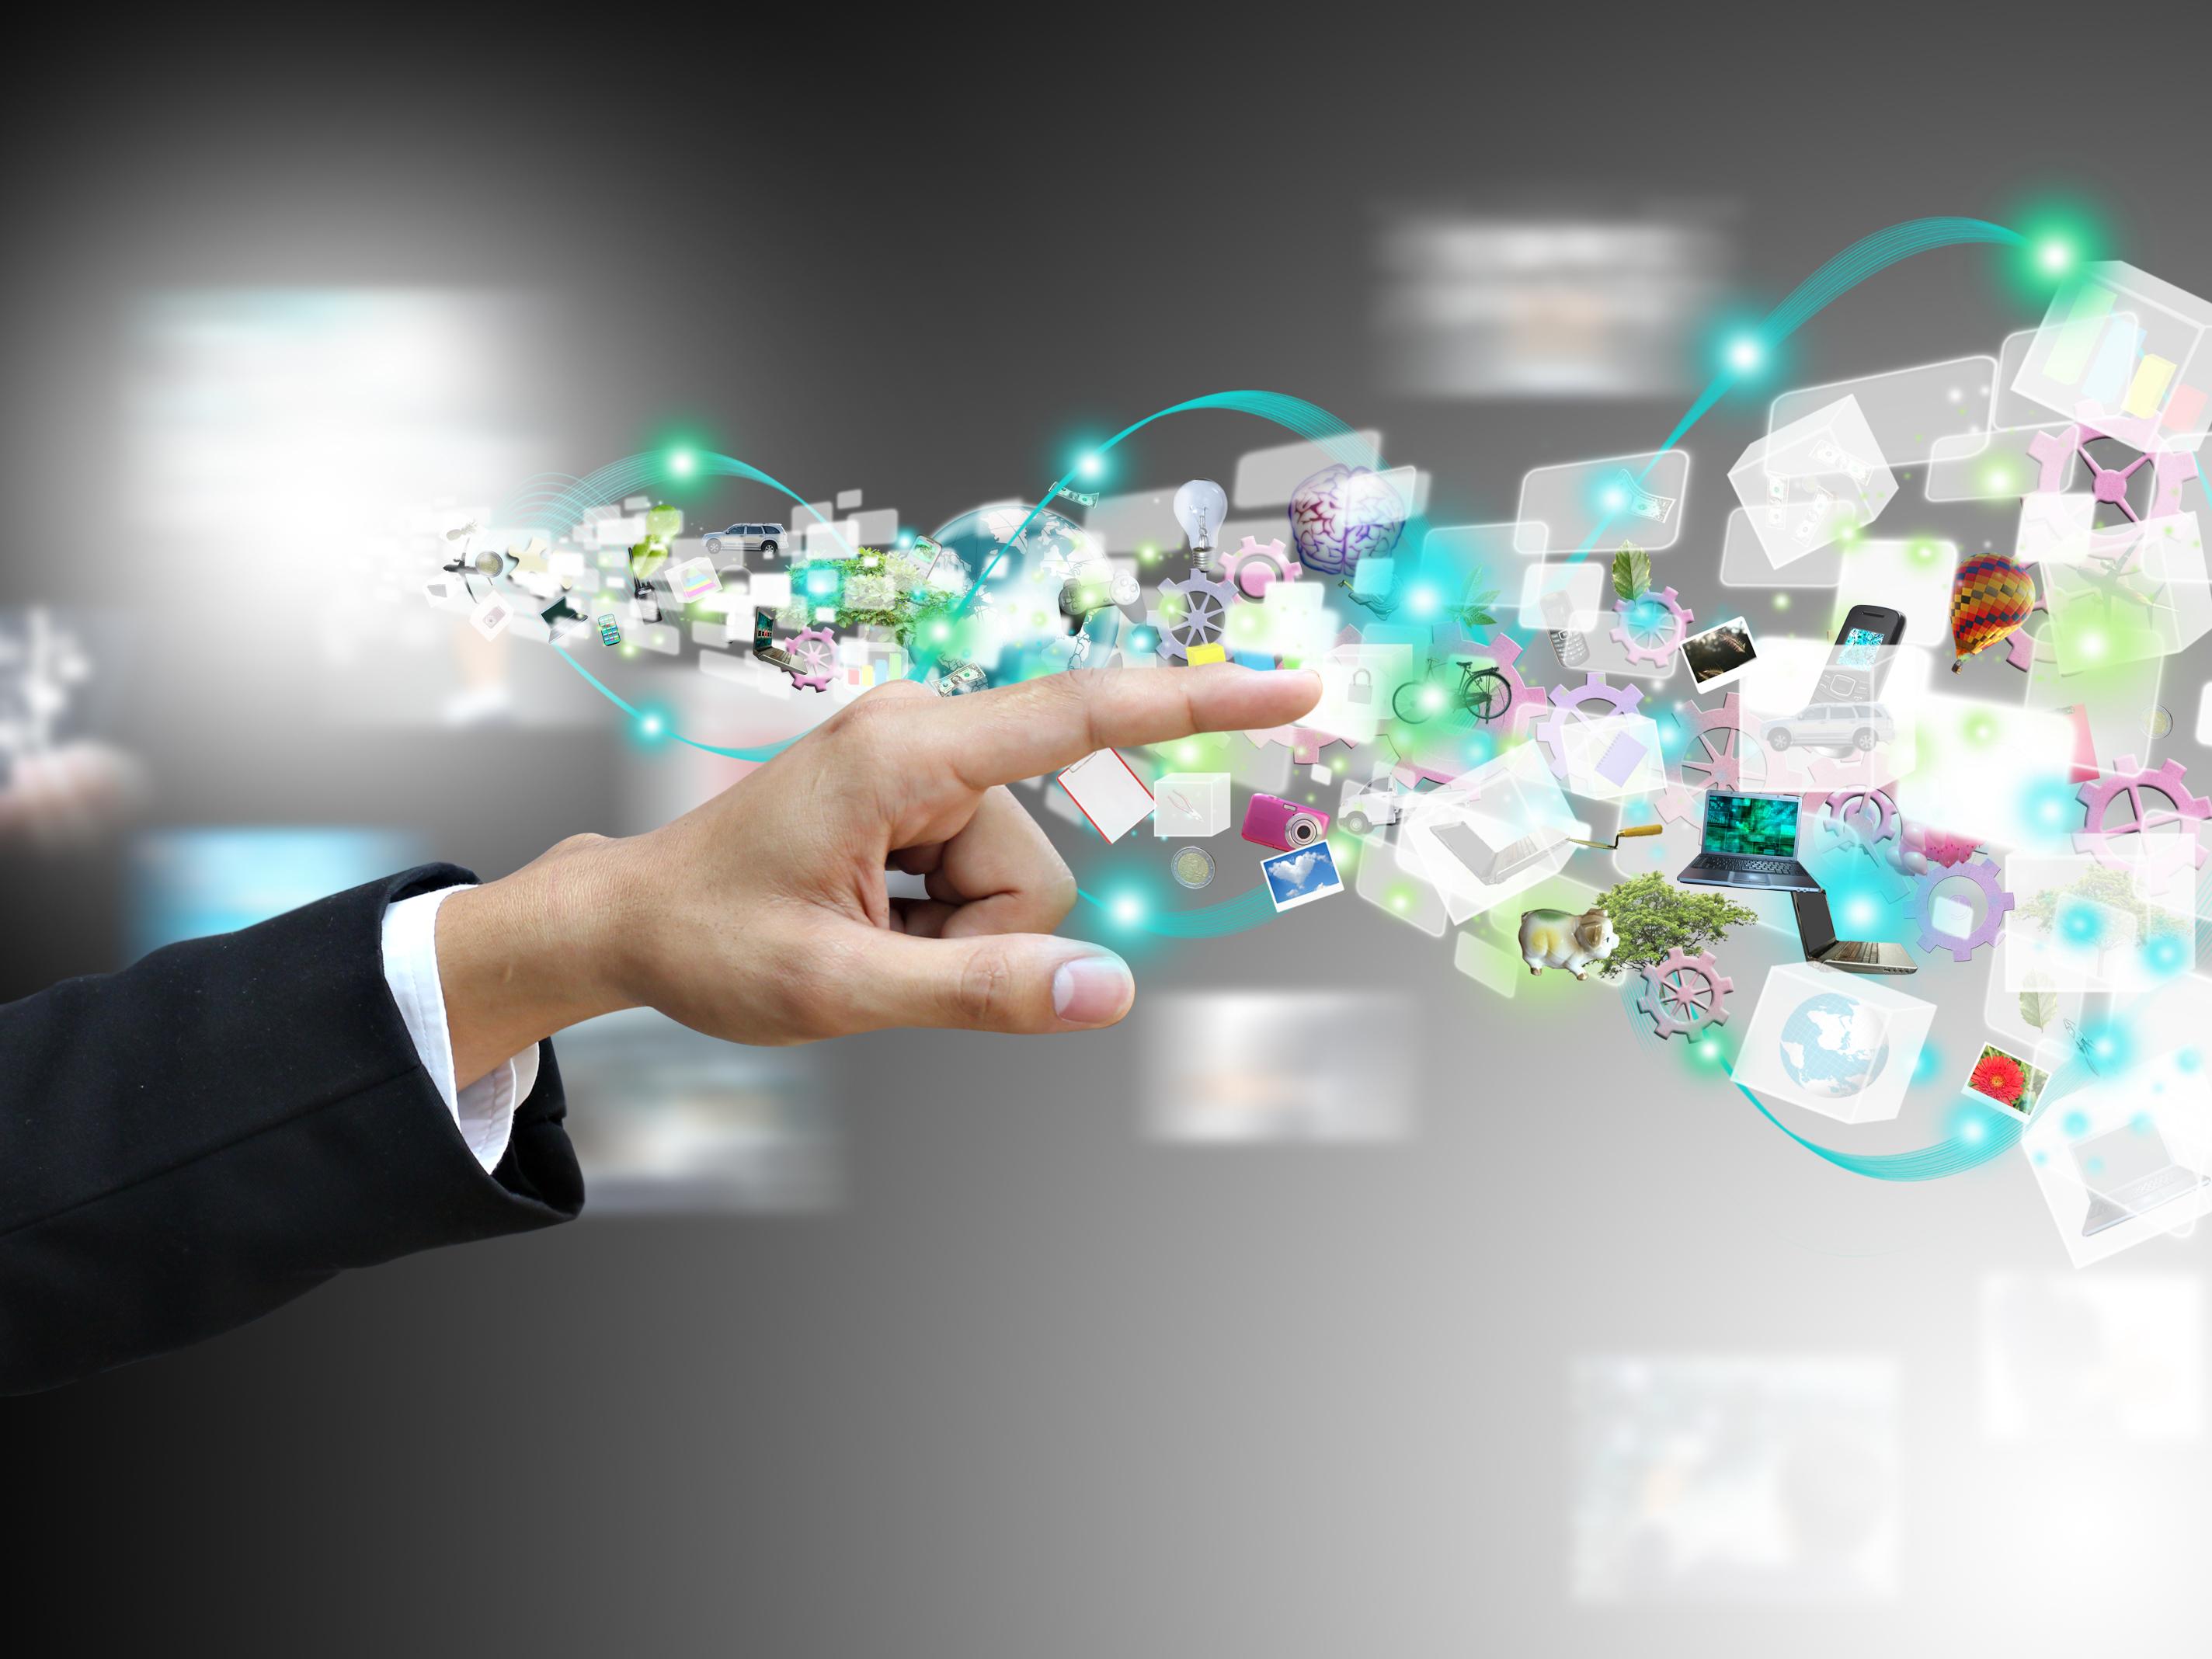 Le 5 principali tendenze tecnologiche nel 2020 secondo Equinix